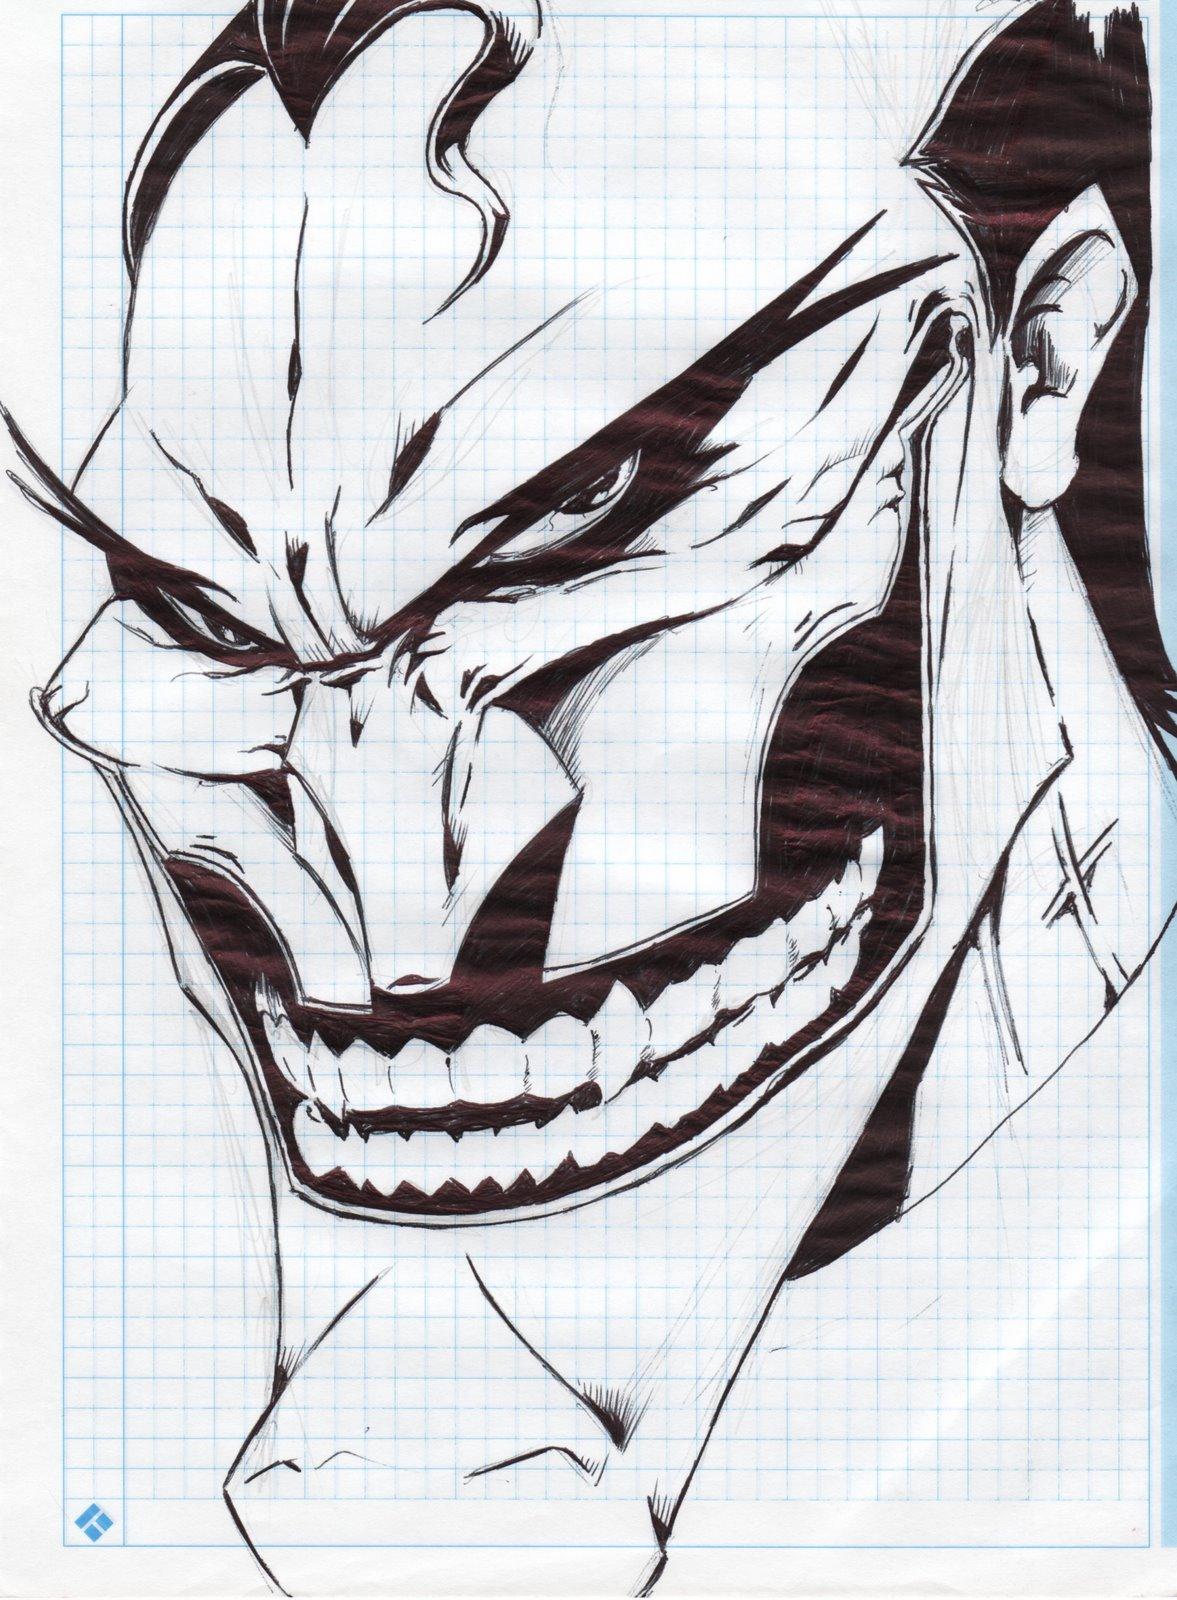 [The+Joker]